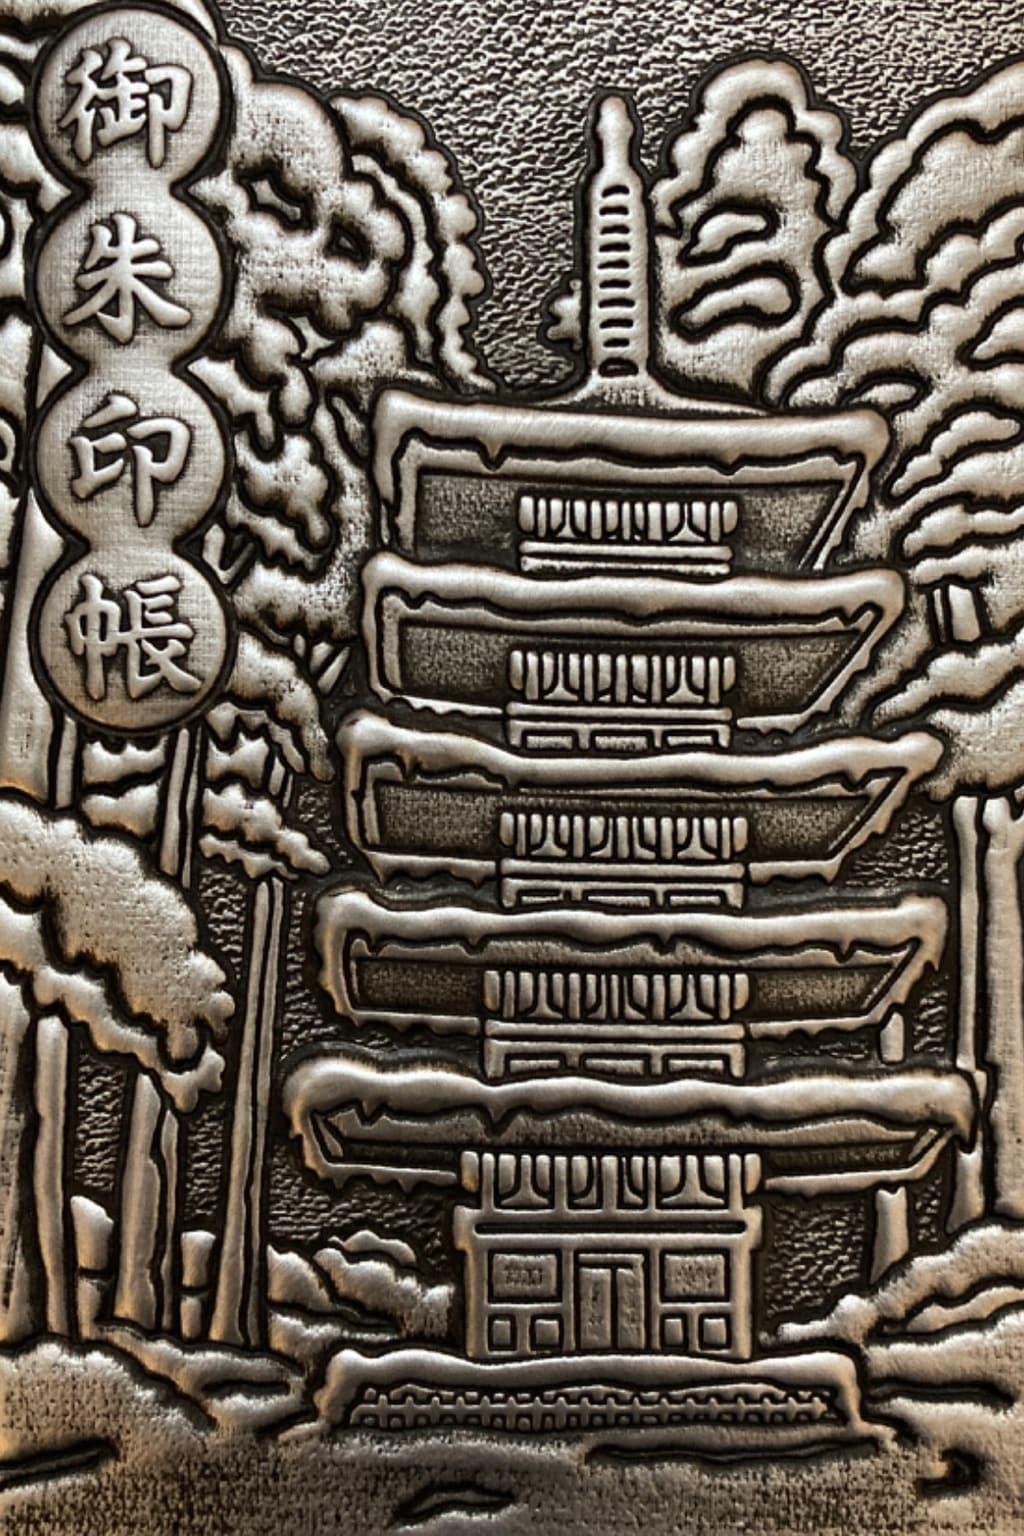 出羽神社(出羽三山神社)~三神合祭殿~の御朱印帳